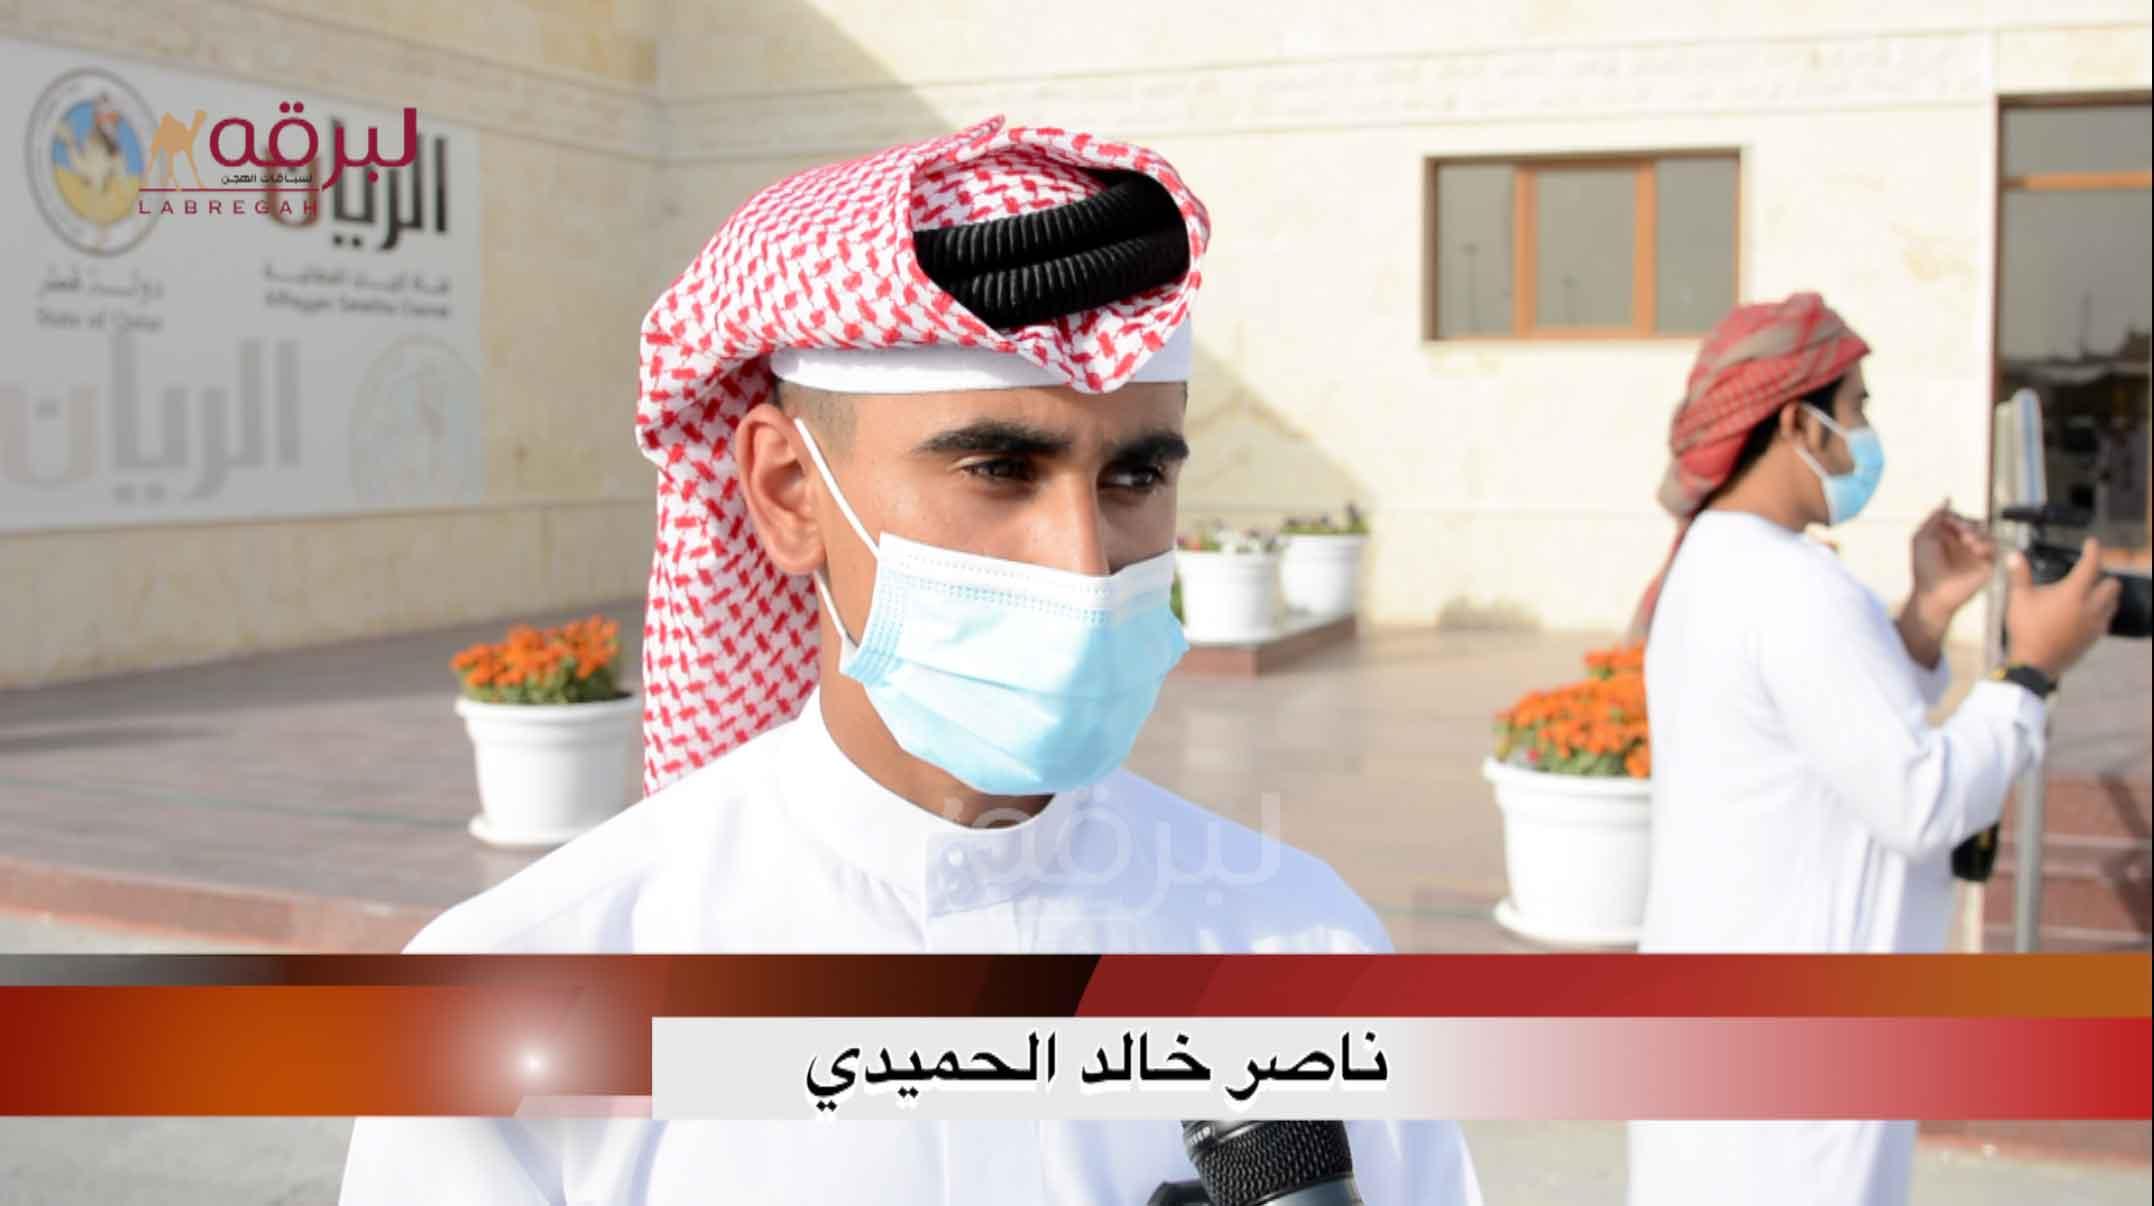 لقاء مع ناصر خالد الحميدي.. الخنجر الفضي جذاع قعدان «إنتاج» الأشواط العامة ٢٤-٣-٢٠٢١